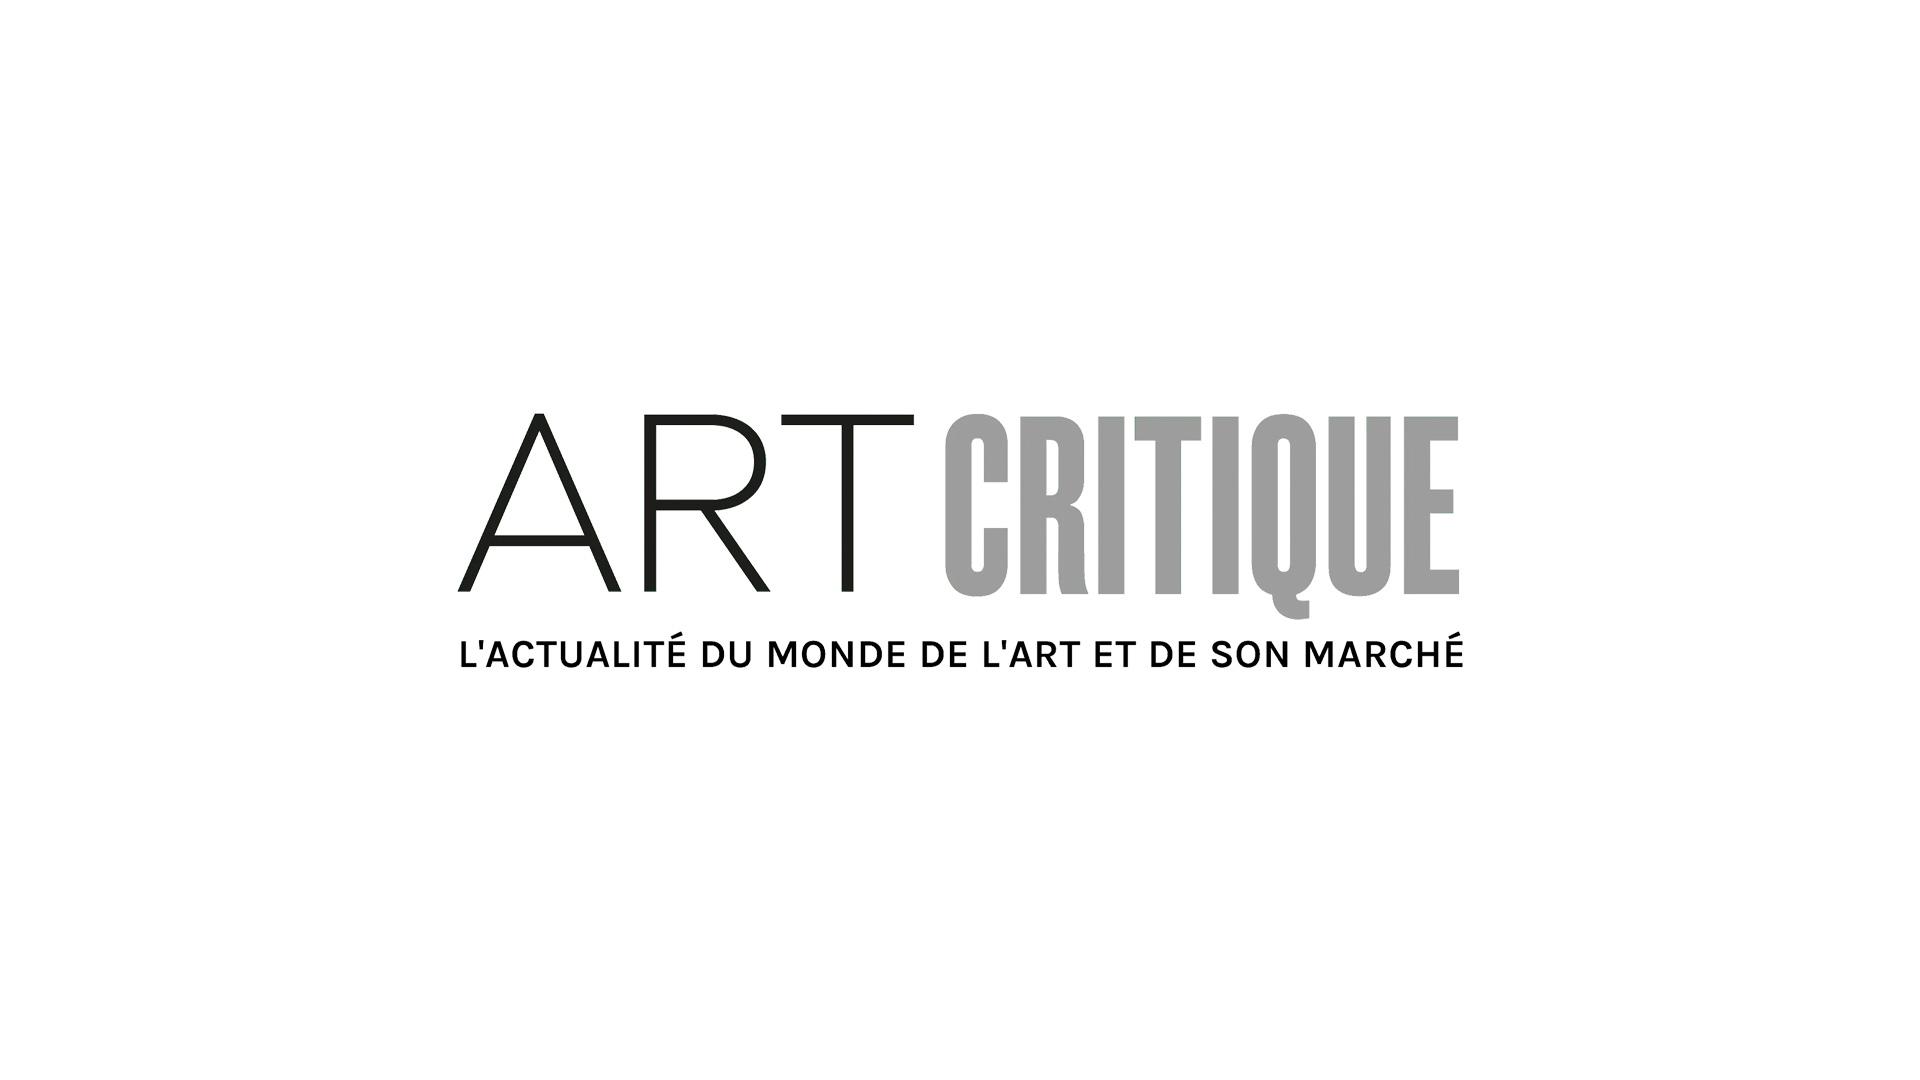 Derrière Bacon, Picasso